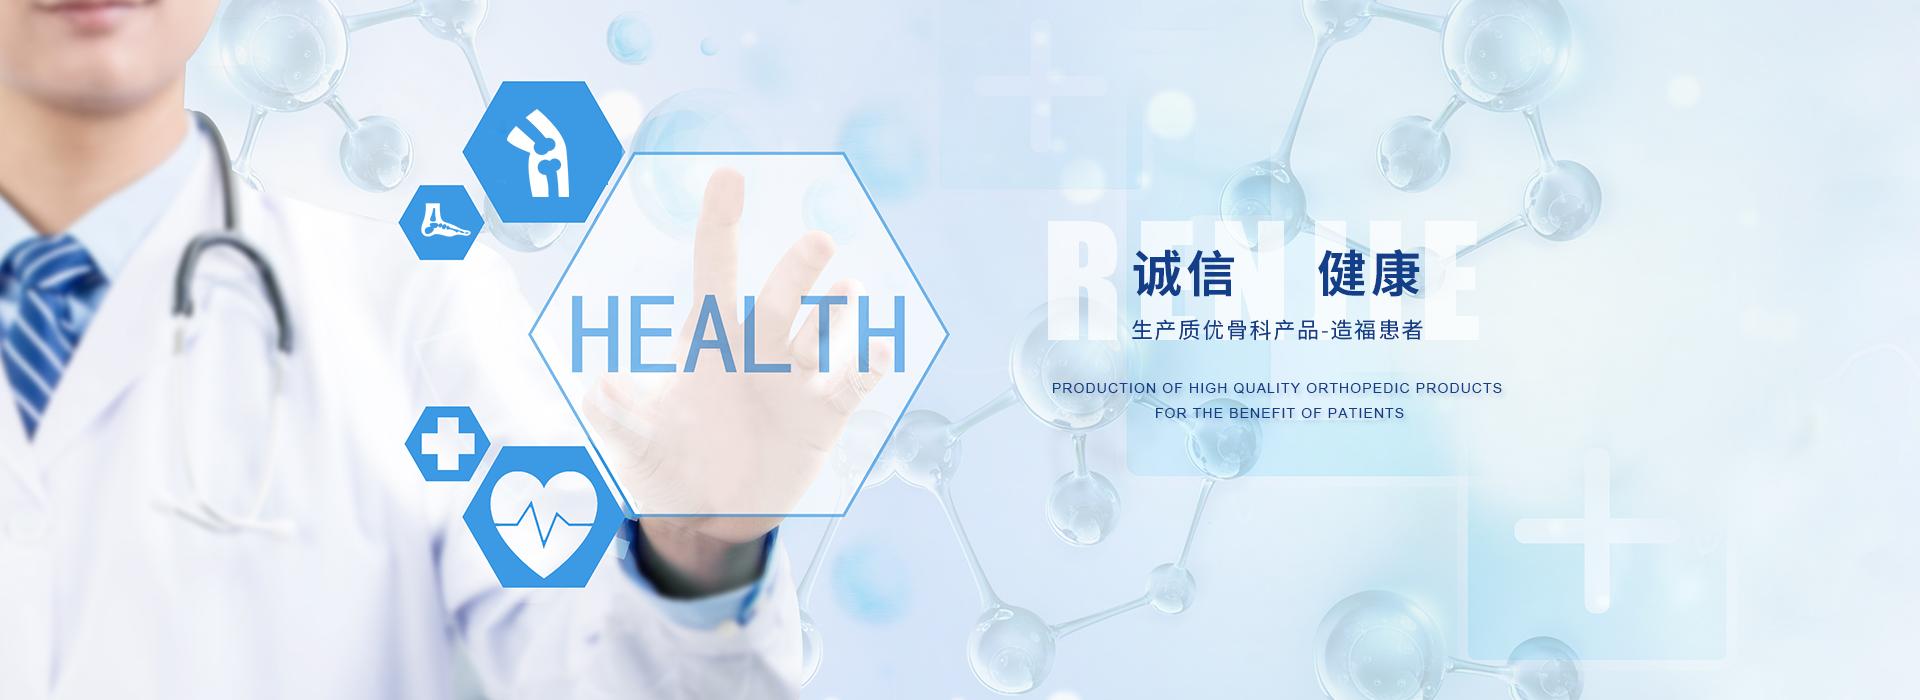 鎮江市人杰醫療器械有限公司